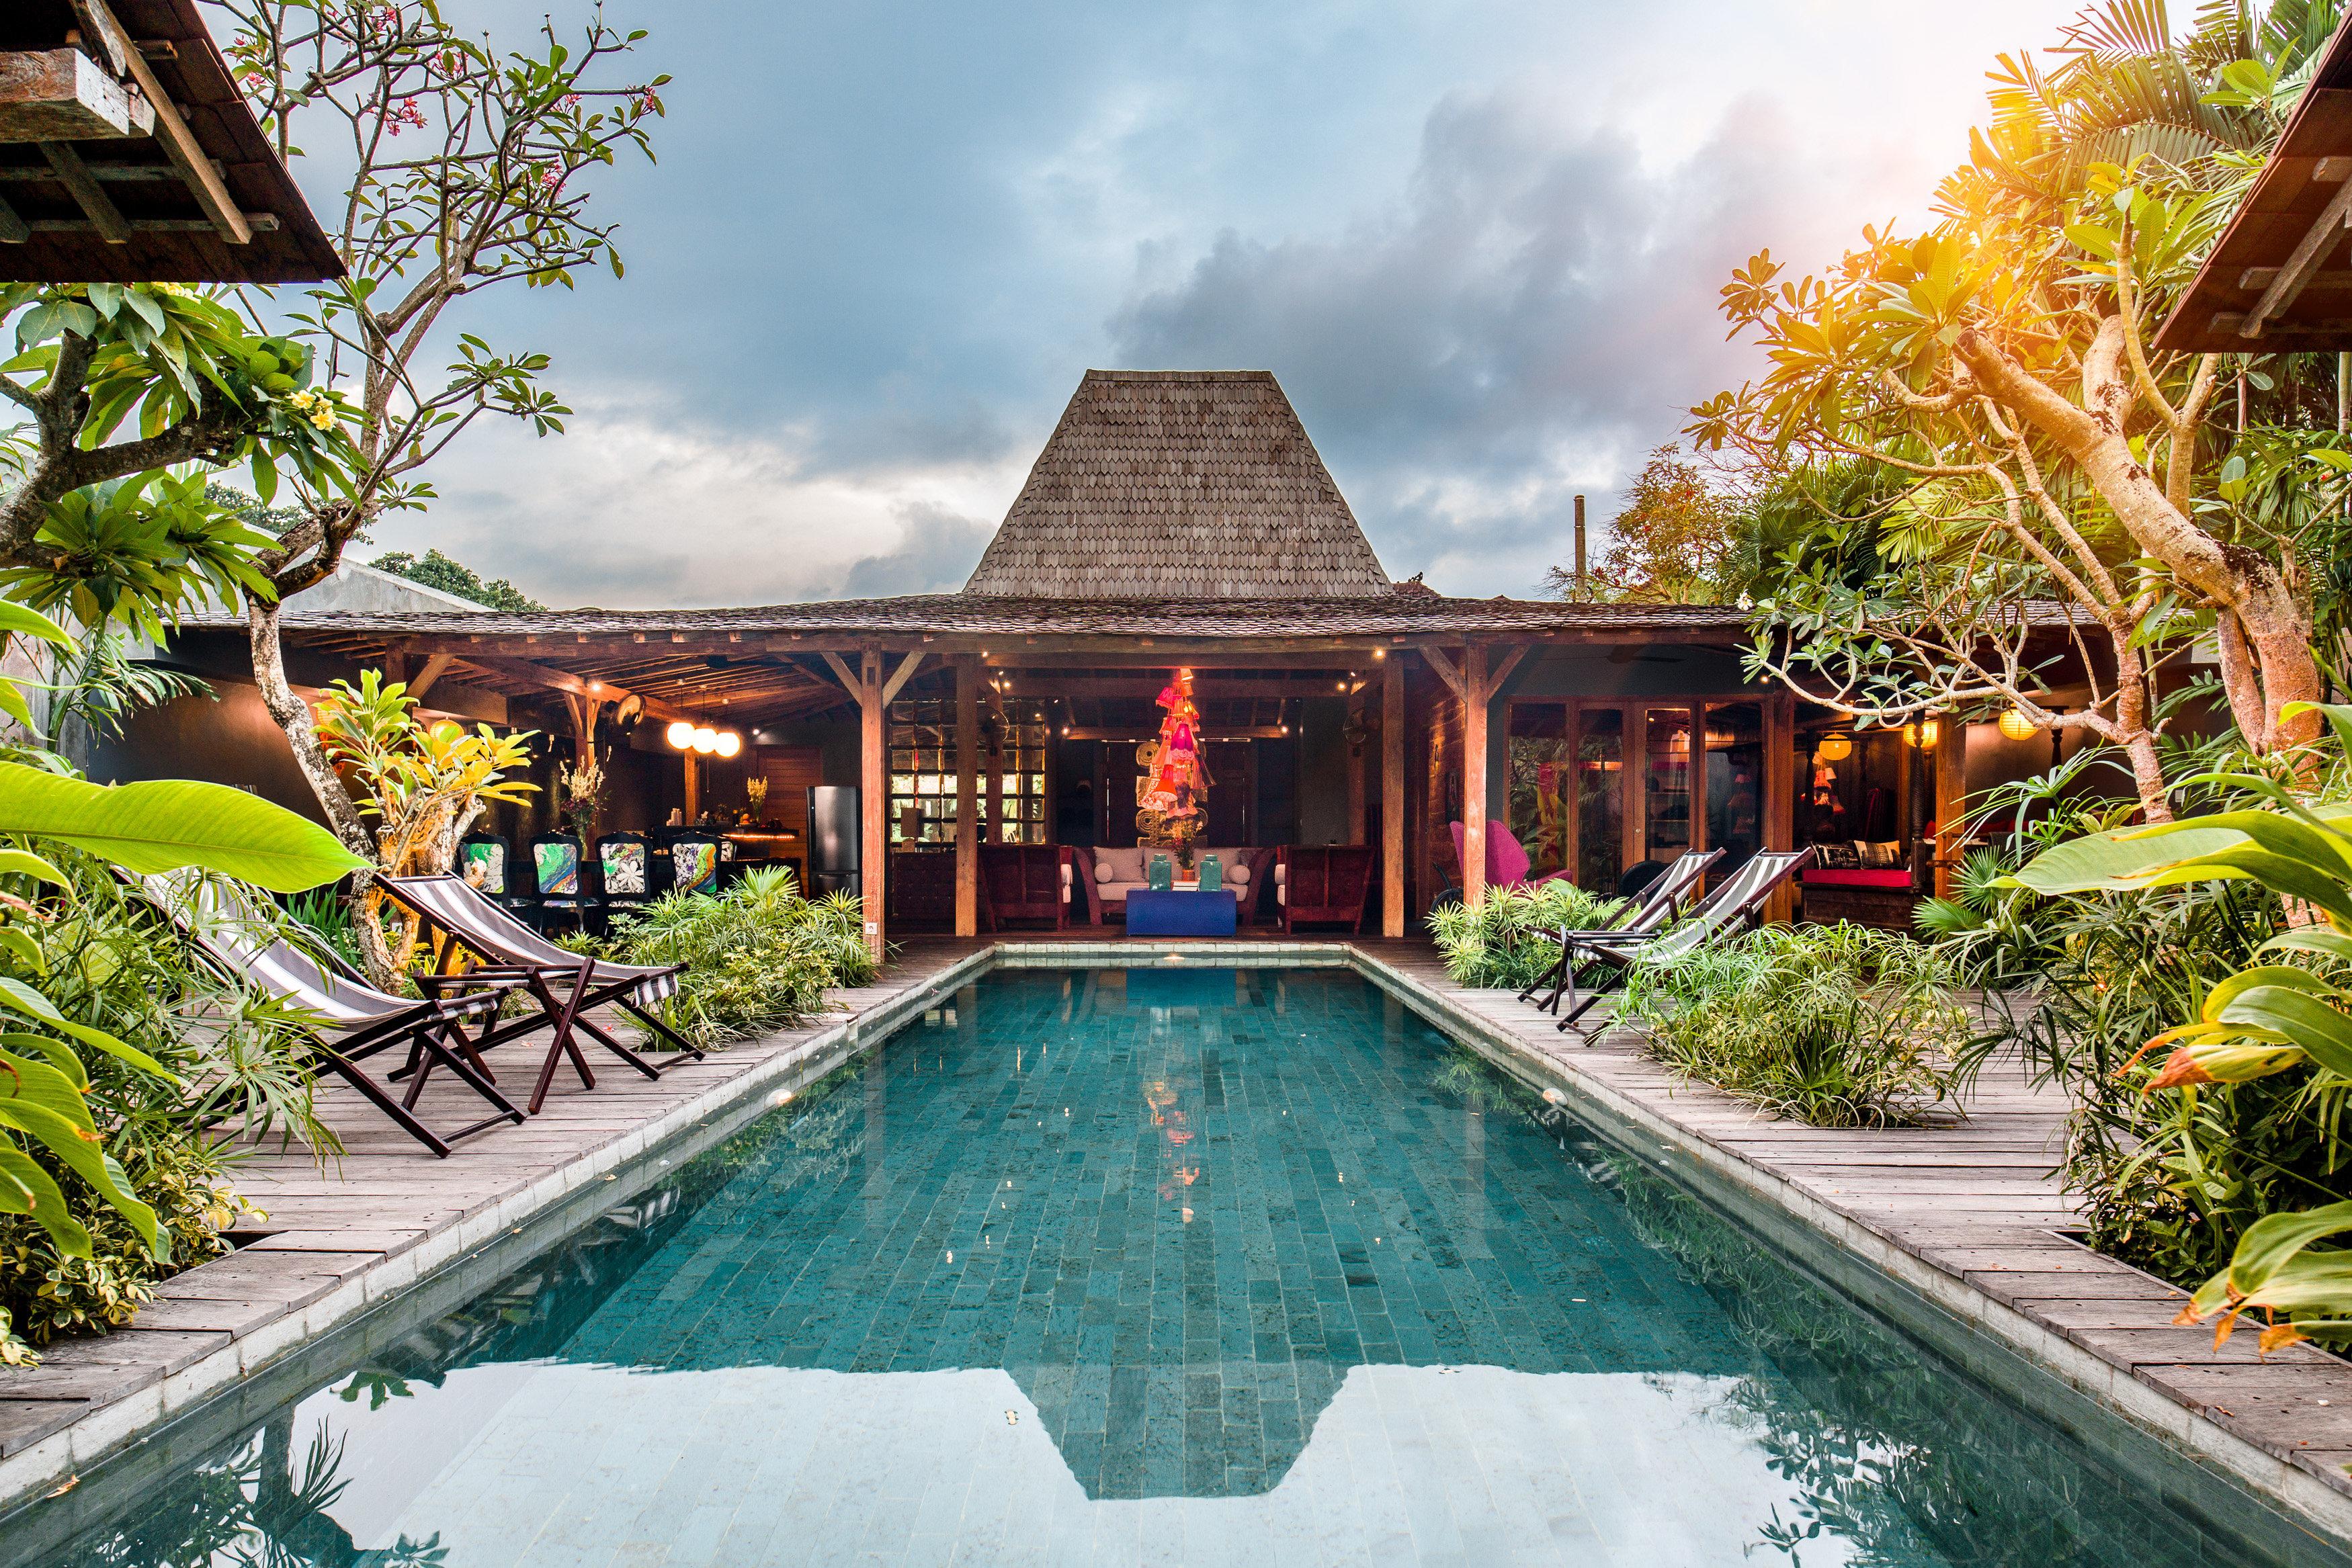 The Bali Agent Villas